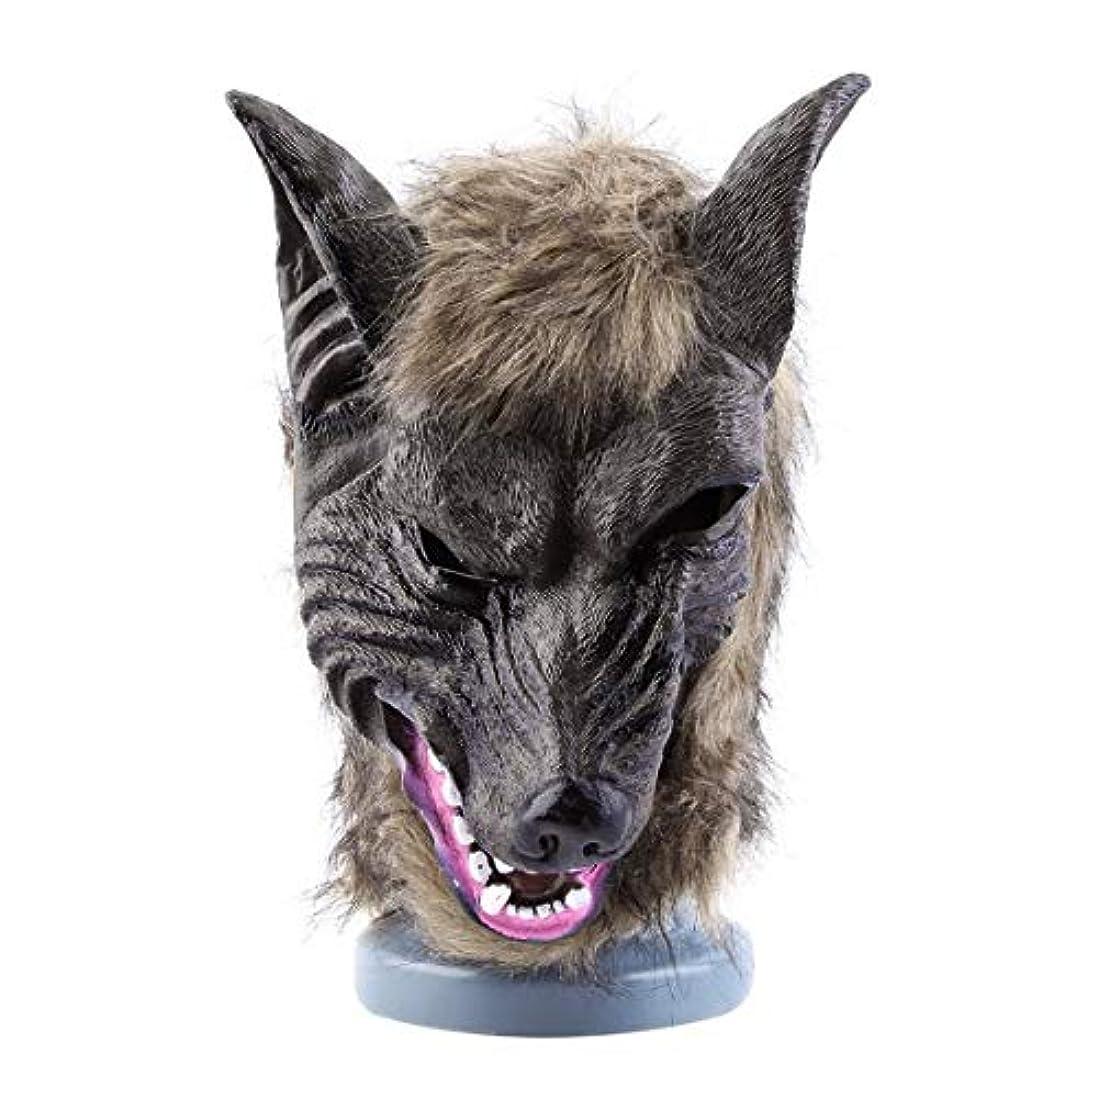 ピジン必要ない対角線Blackfell 大人と子供ラテックス動物のオオカミの頭とヘアマスクファンシードレスコスチュームパーティー怖いハロウィーンとグレー色